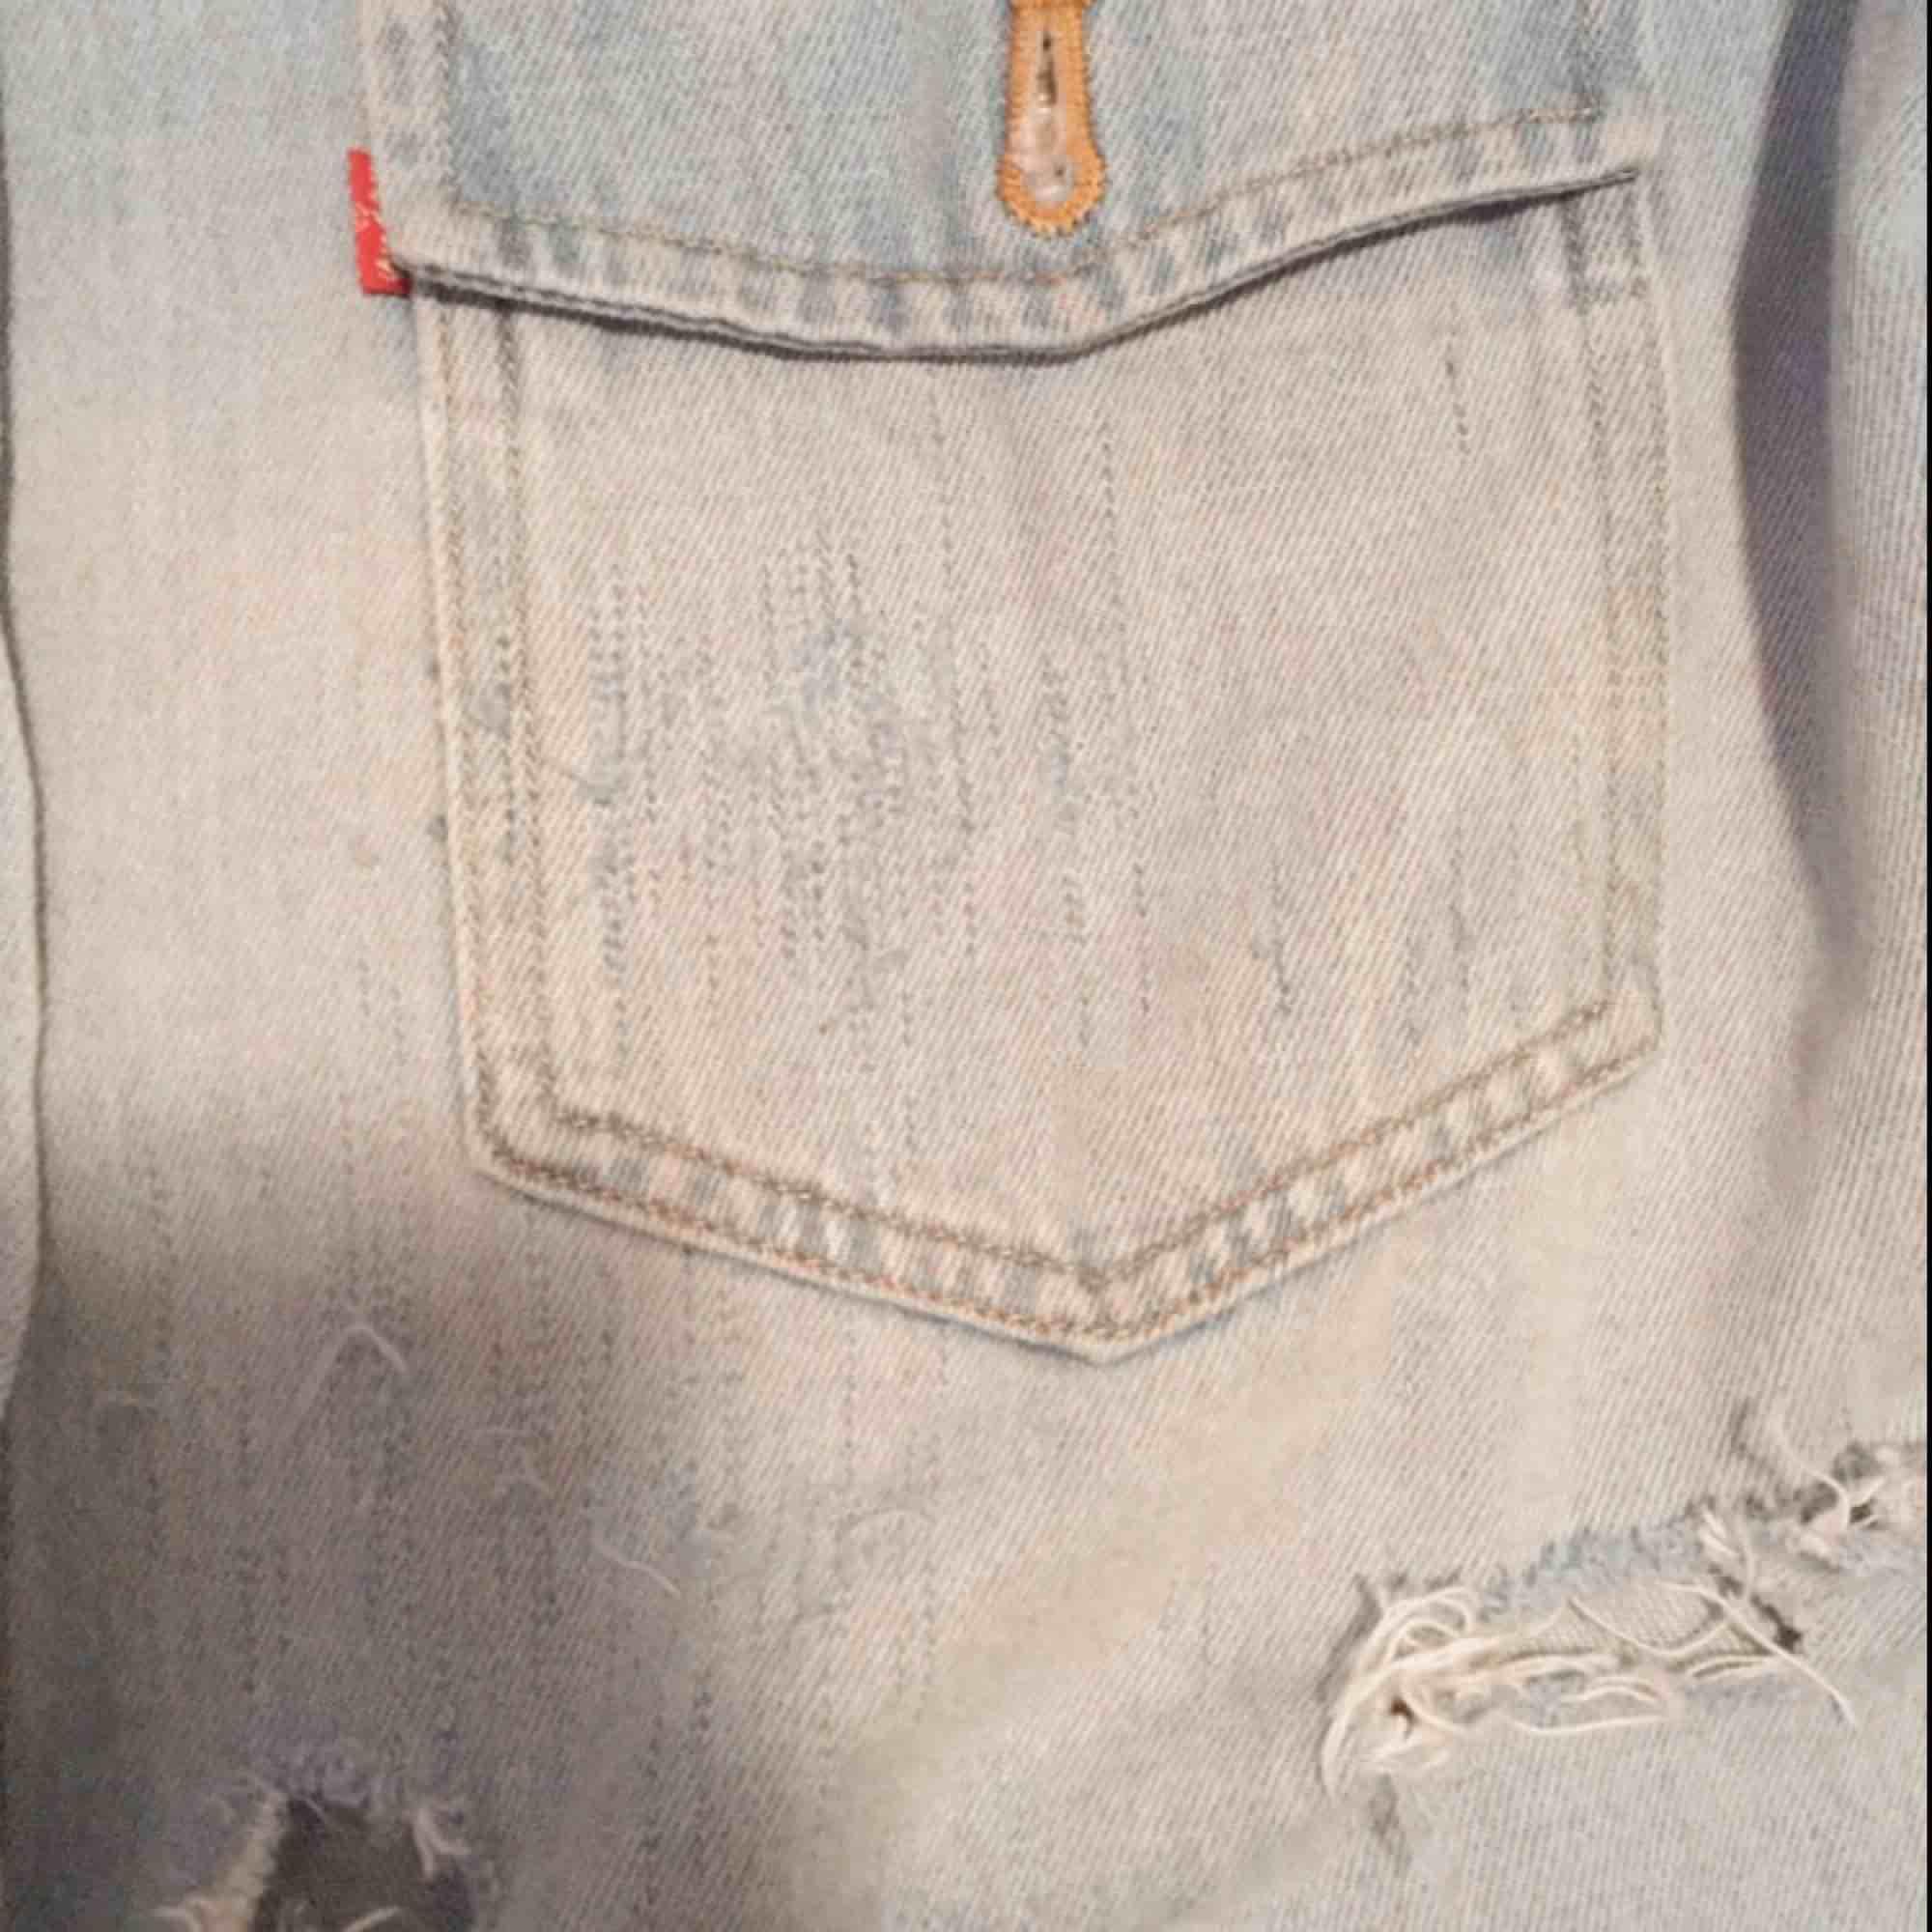 Levis jeans jacka med handmålad Simsons gubbe, så fin höst jacka men måste tyvär säljas då jag ej använder den bra skick ALDRIG använd. Jackor.